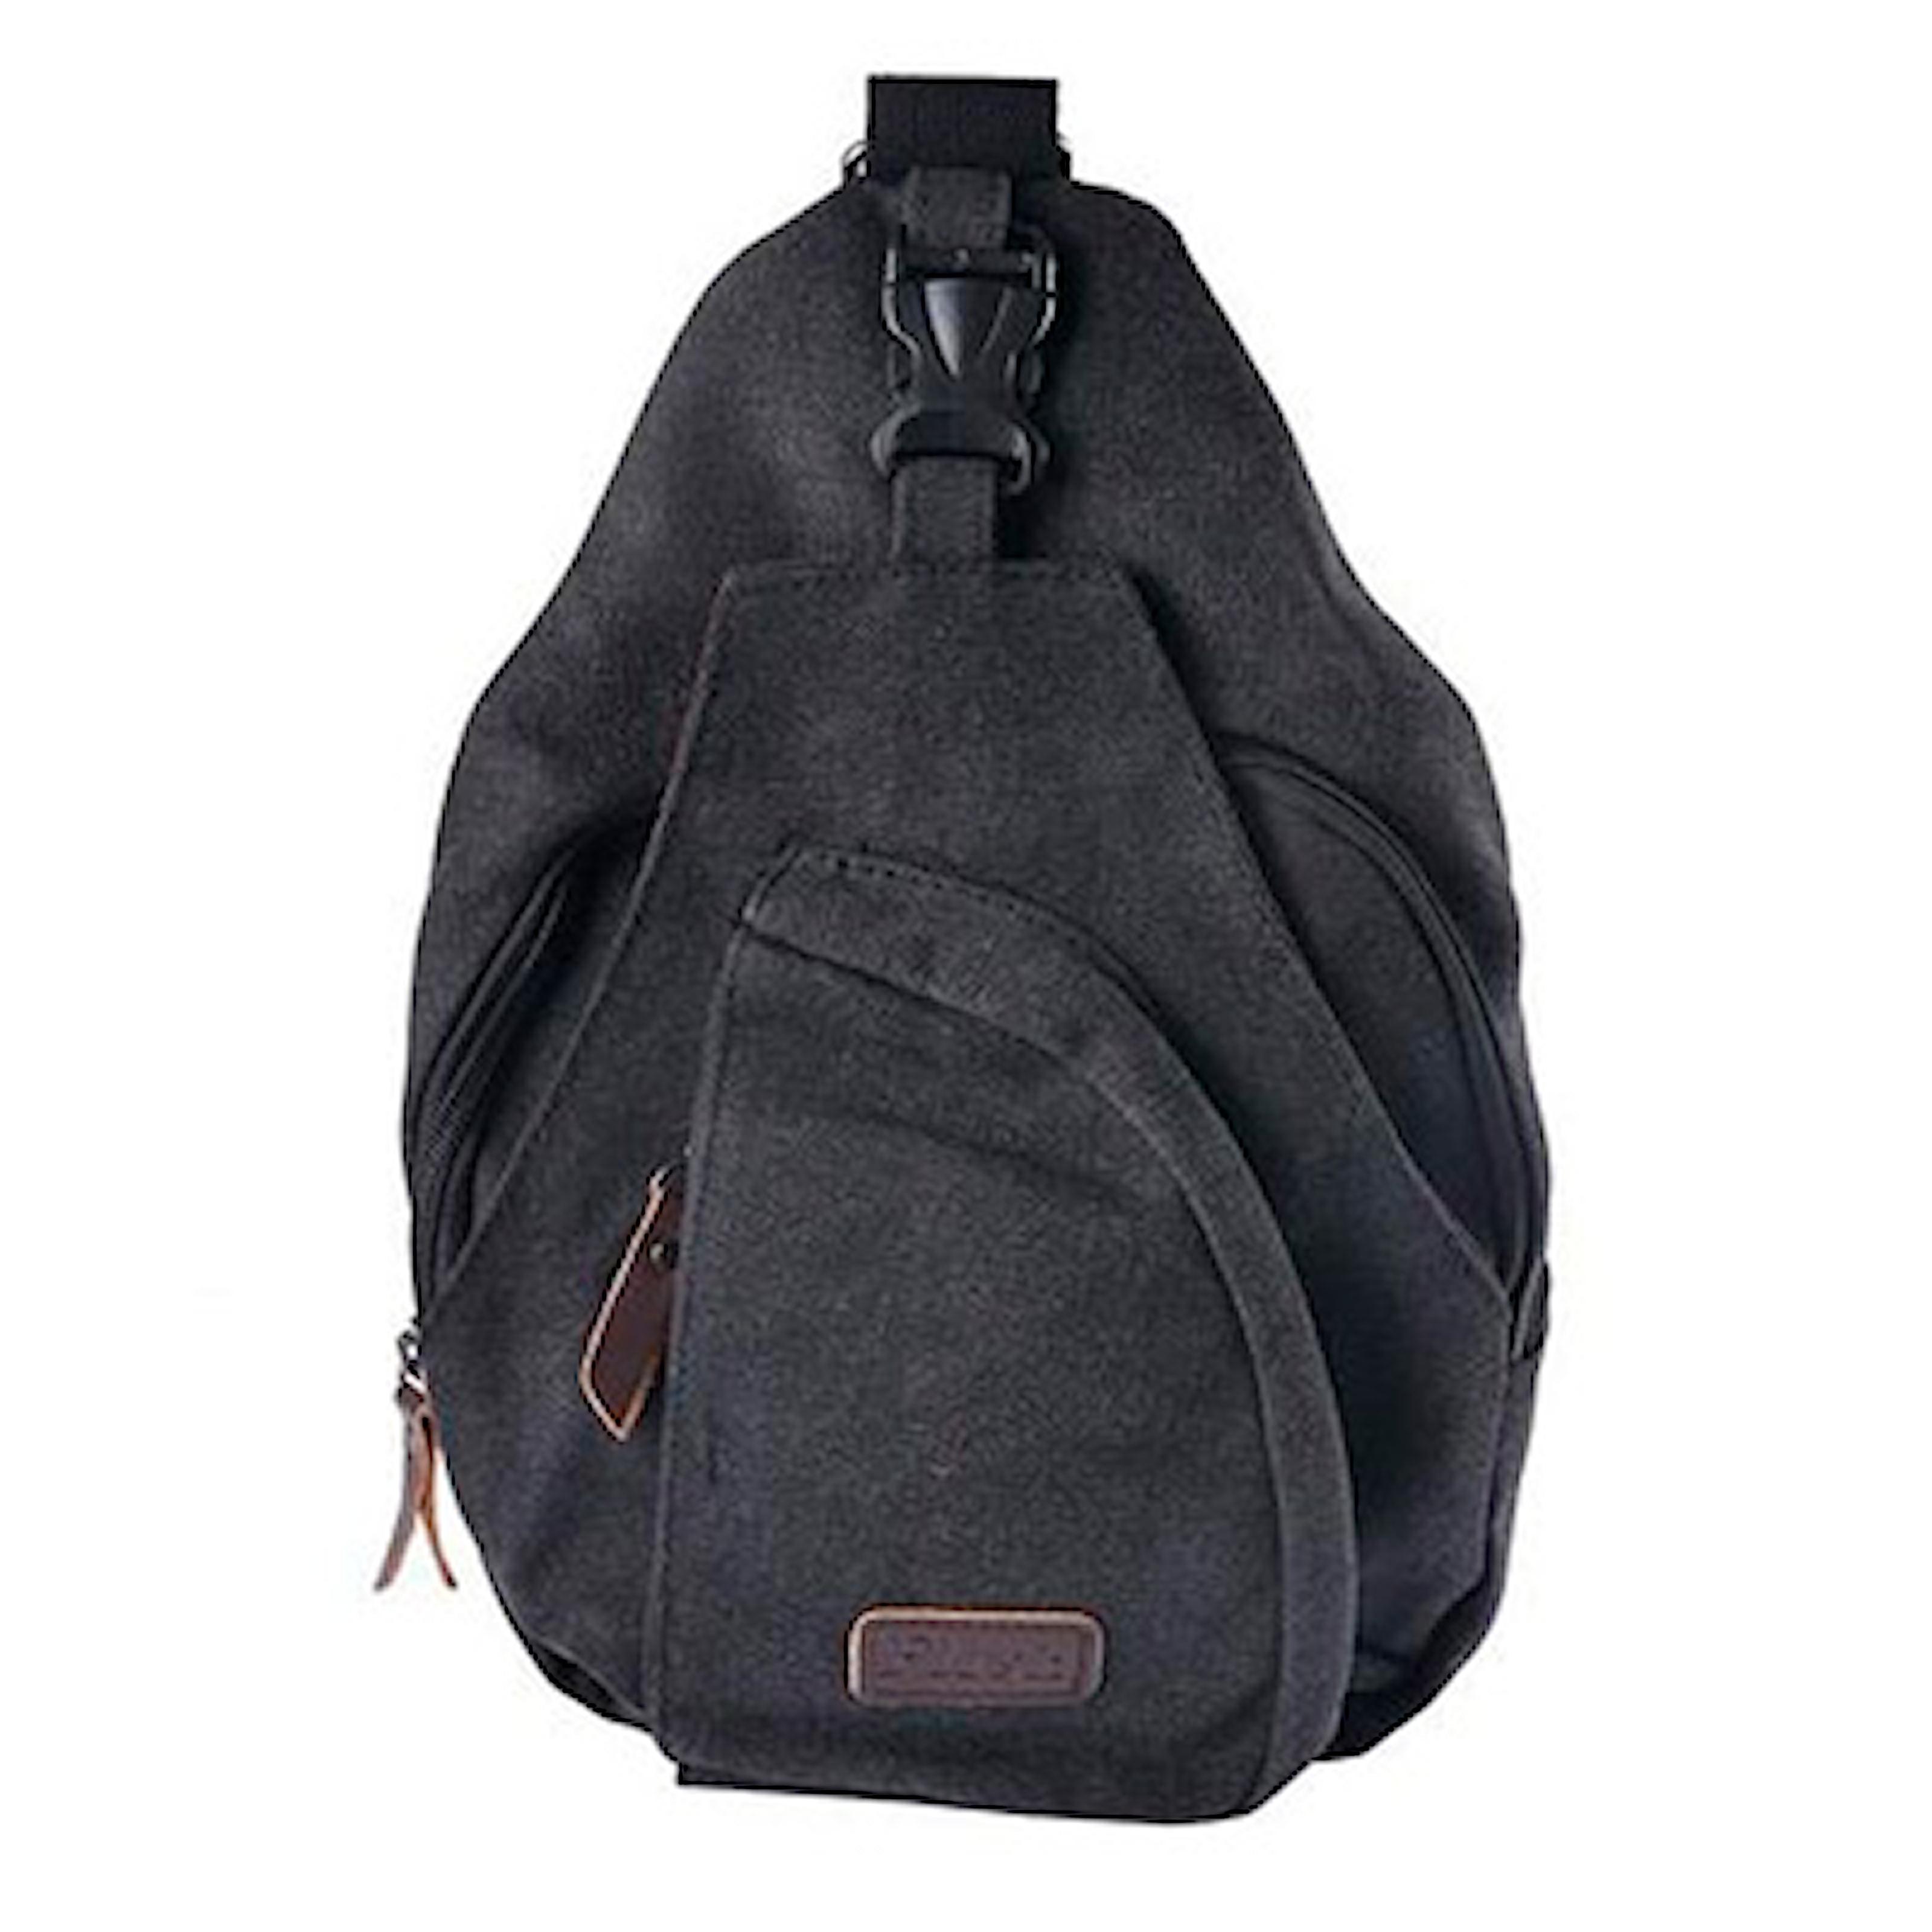 Svart, Crossbody Bag, Crossbody-väska, ,